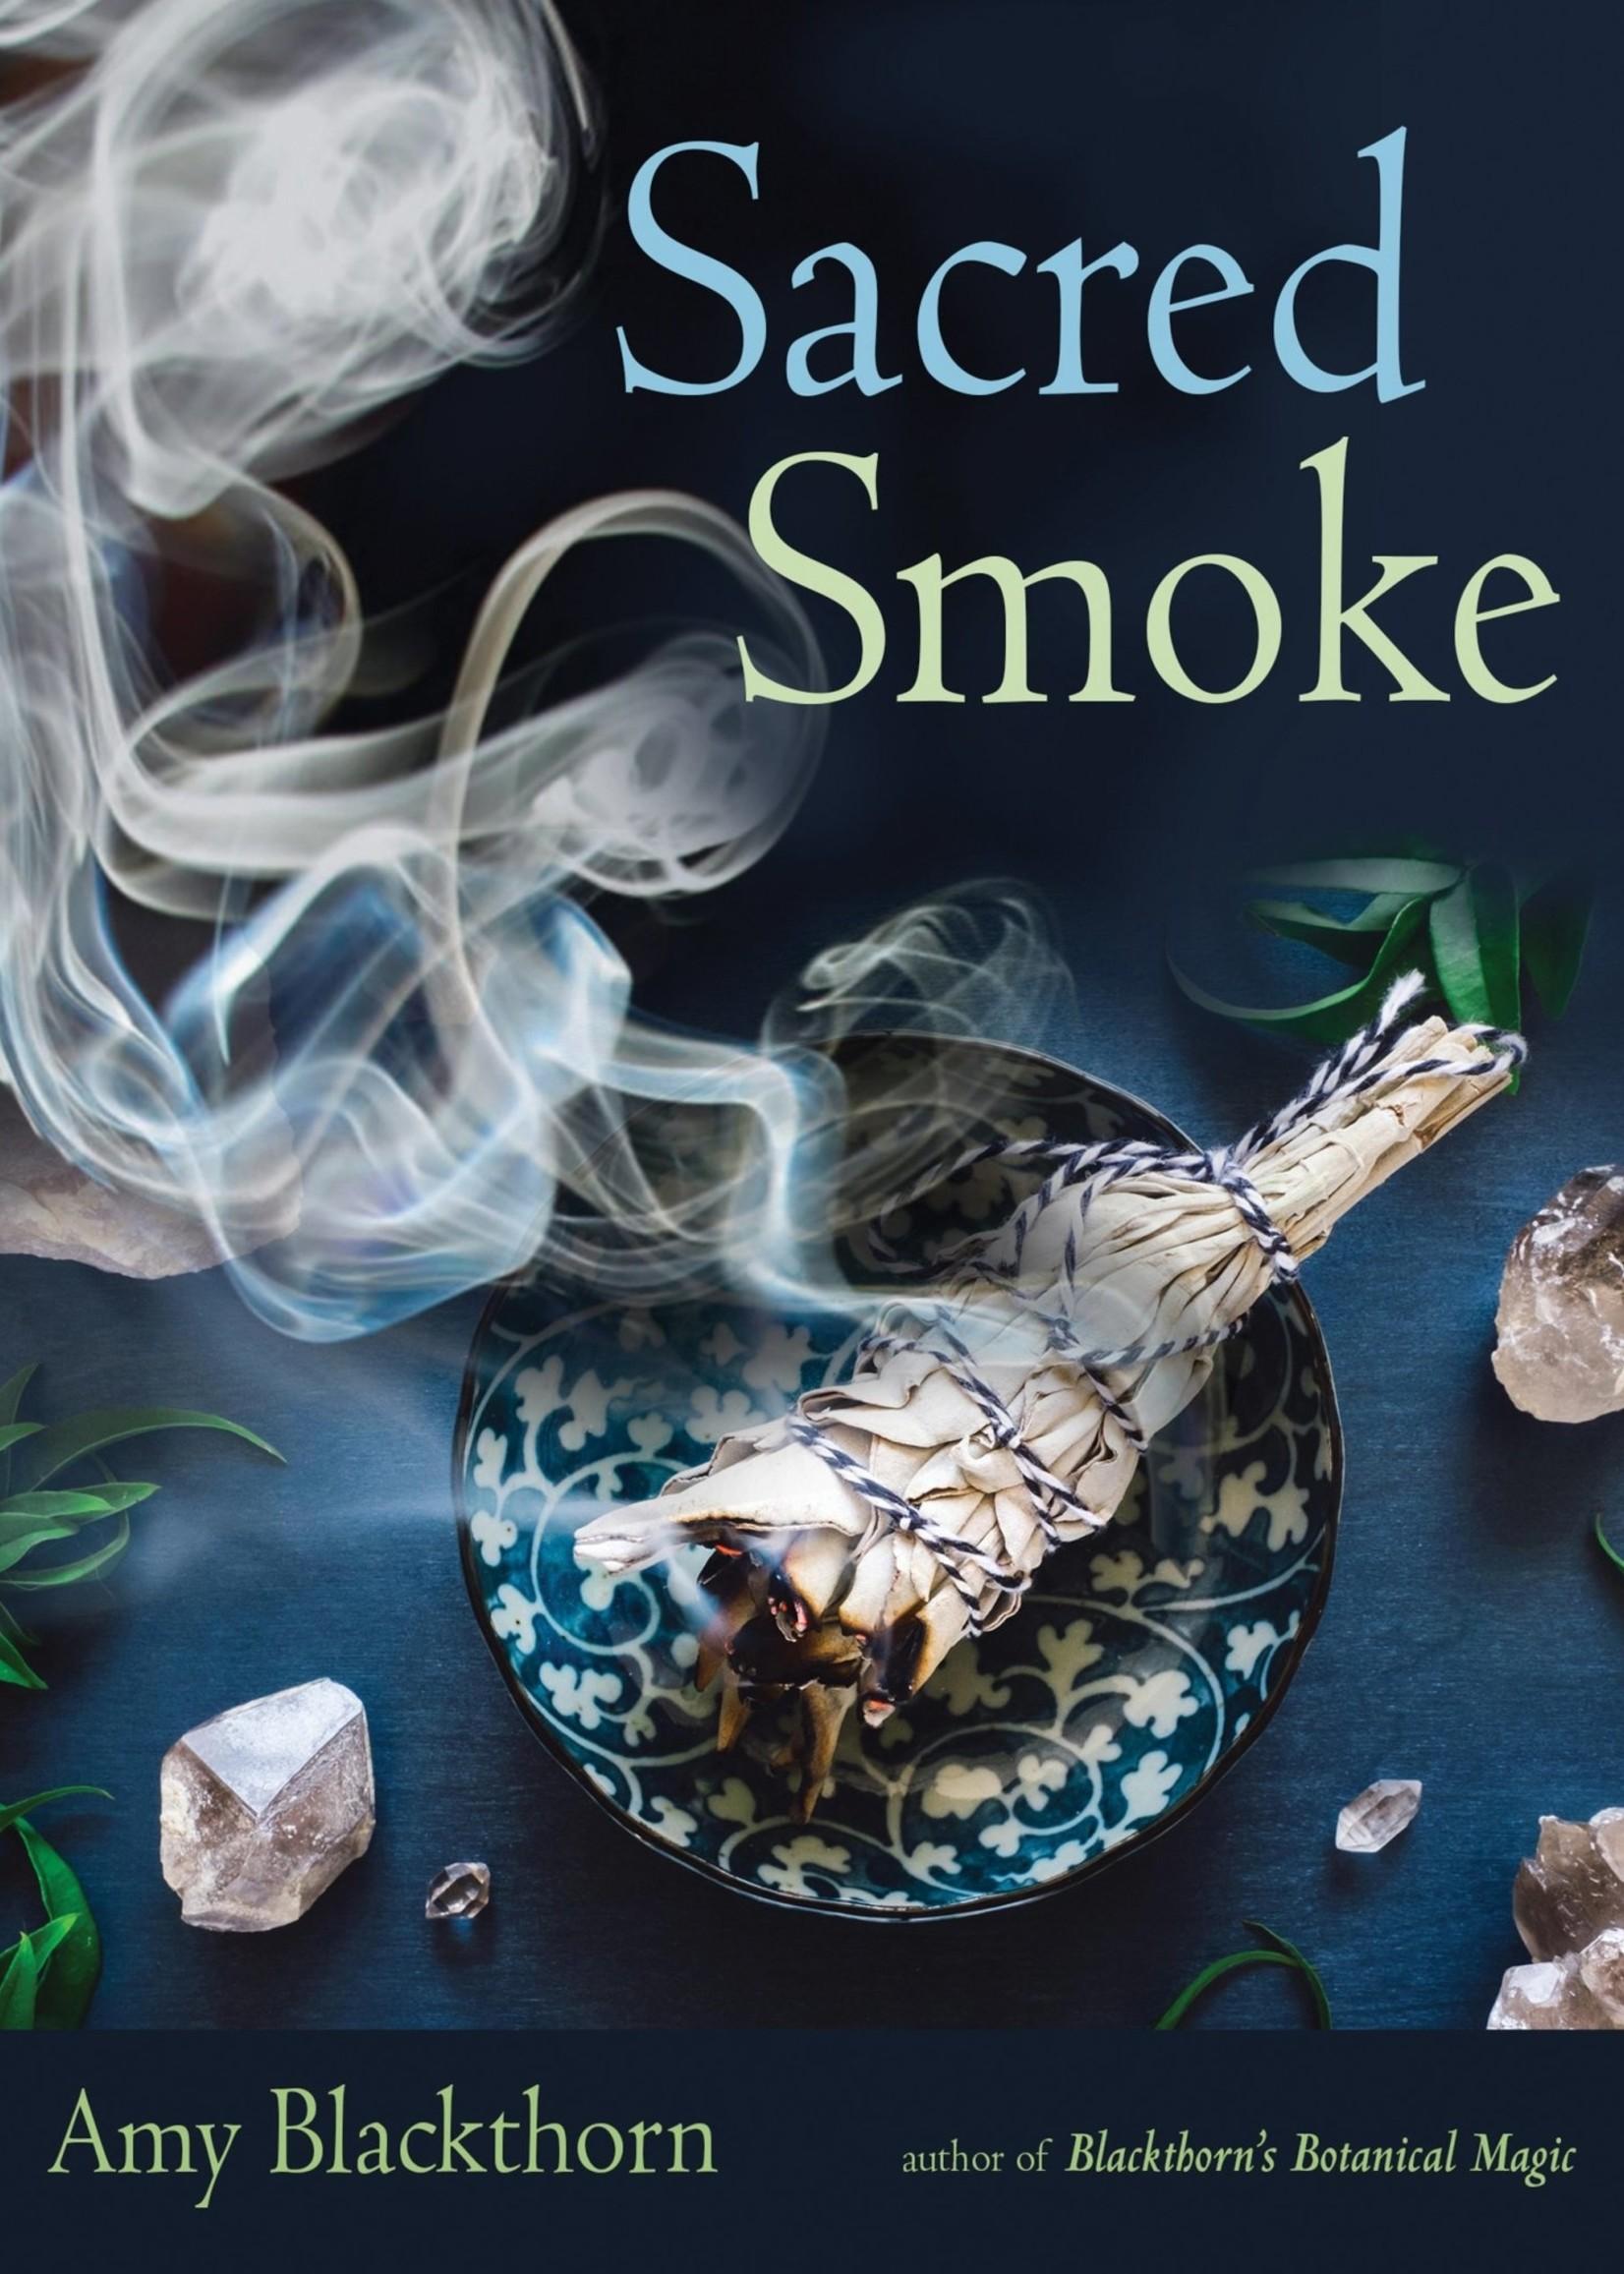 Sacred Smoke (Amy Blackthorn)